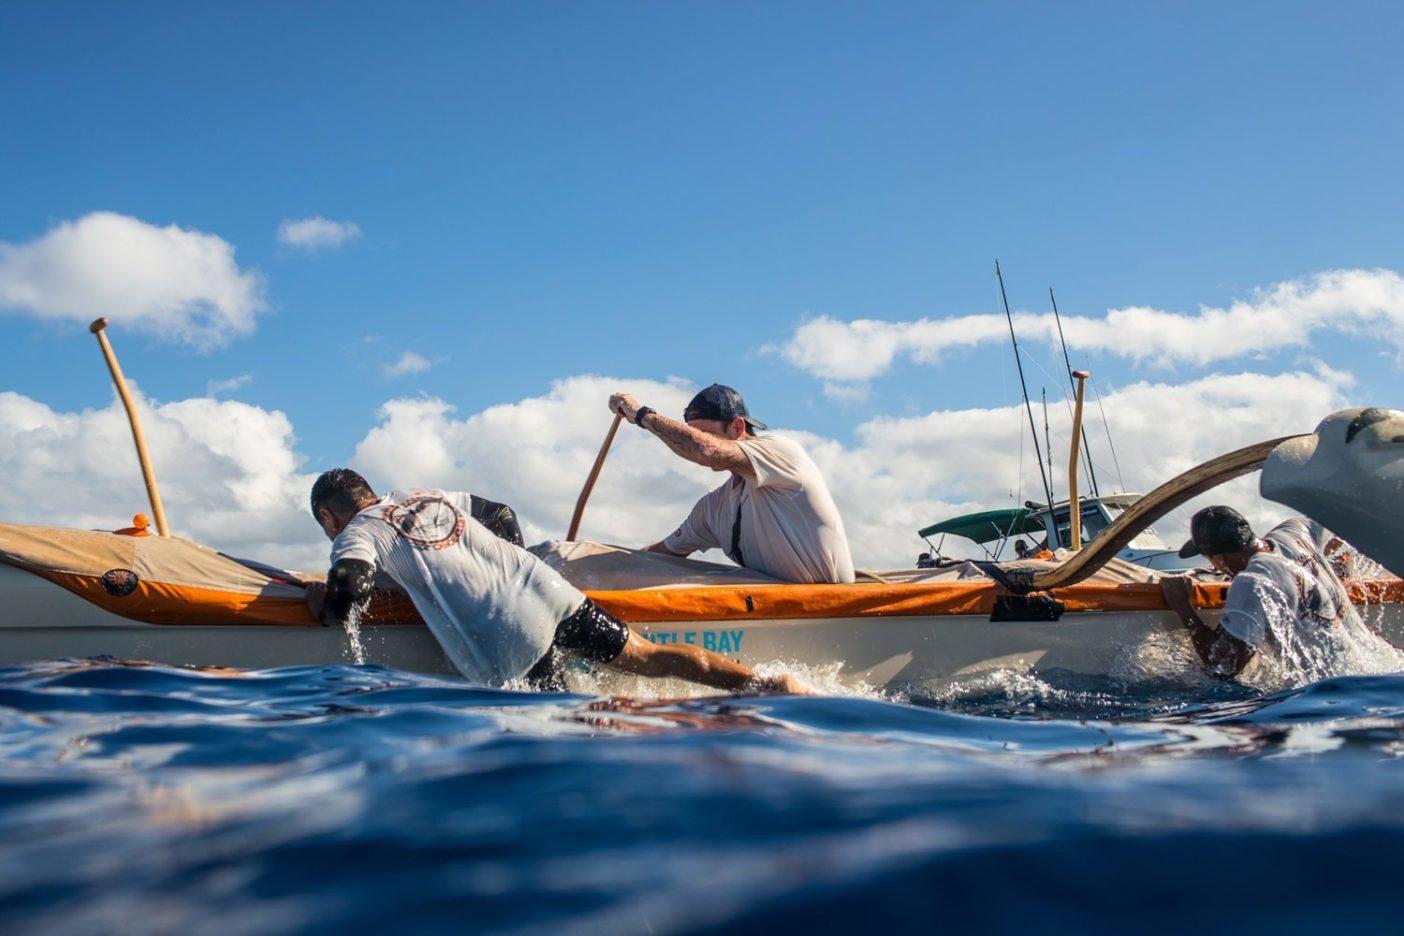 海峡の中間地点でウォーターチェンジを行う〈Bad News Bears〉のクルー。各チームは交代のパドラーを積んだボートに伴走され、カヌーにはつねに6名のパドラーが乗員する。Photo: Tim Davis